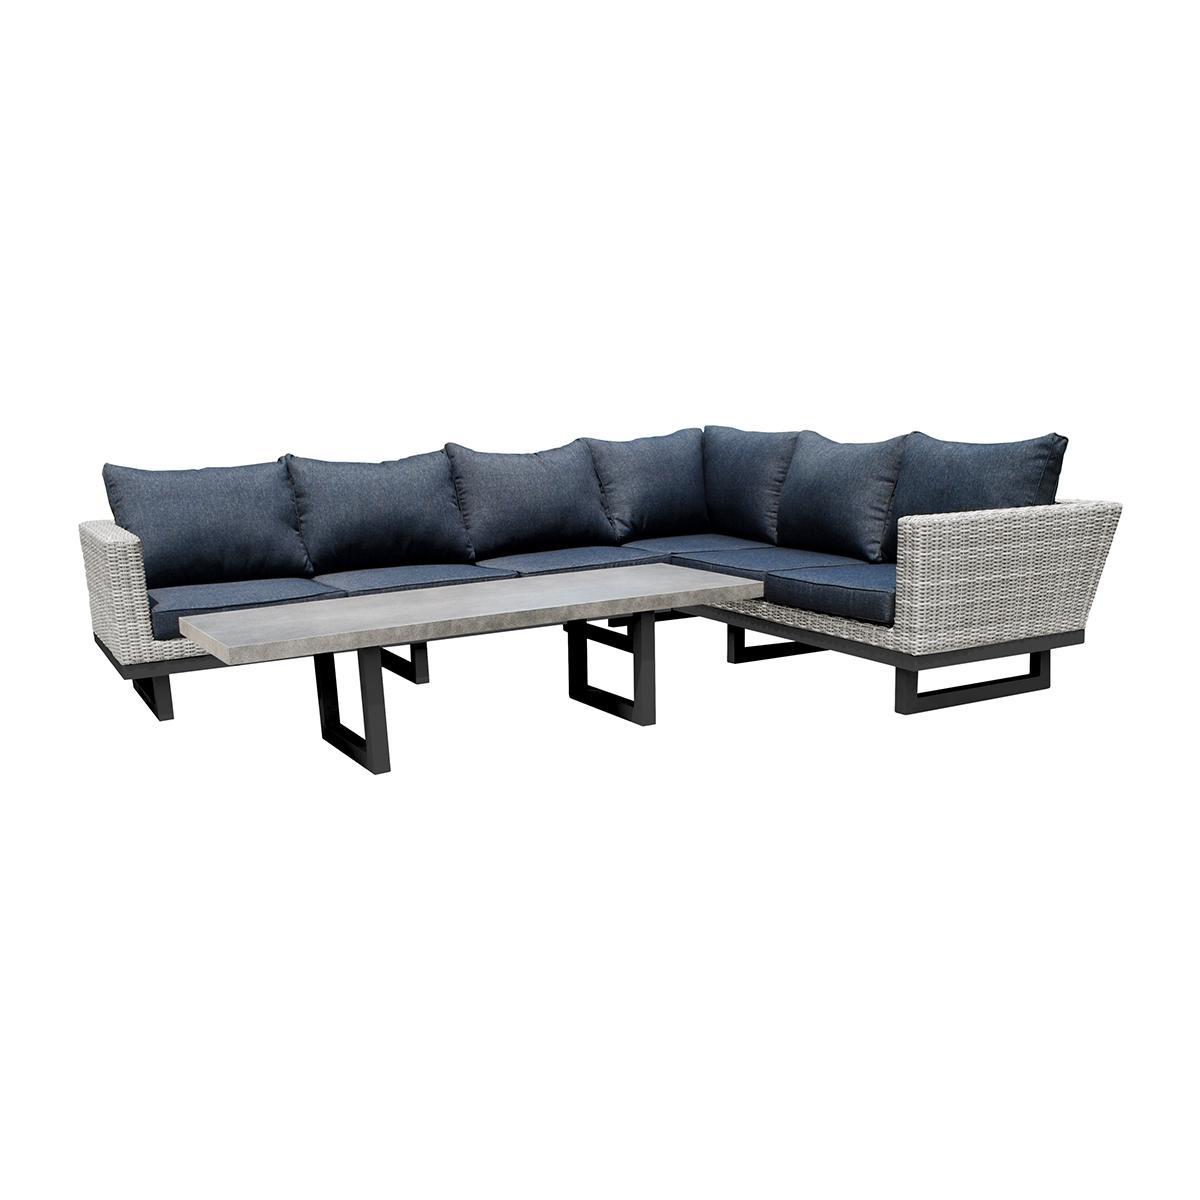 NABBI Toledo záhradný nábytok z umelého ratanu svetlosivá / čierna / tmavosivá